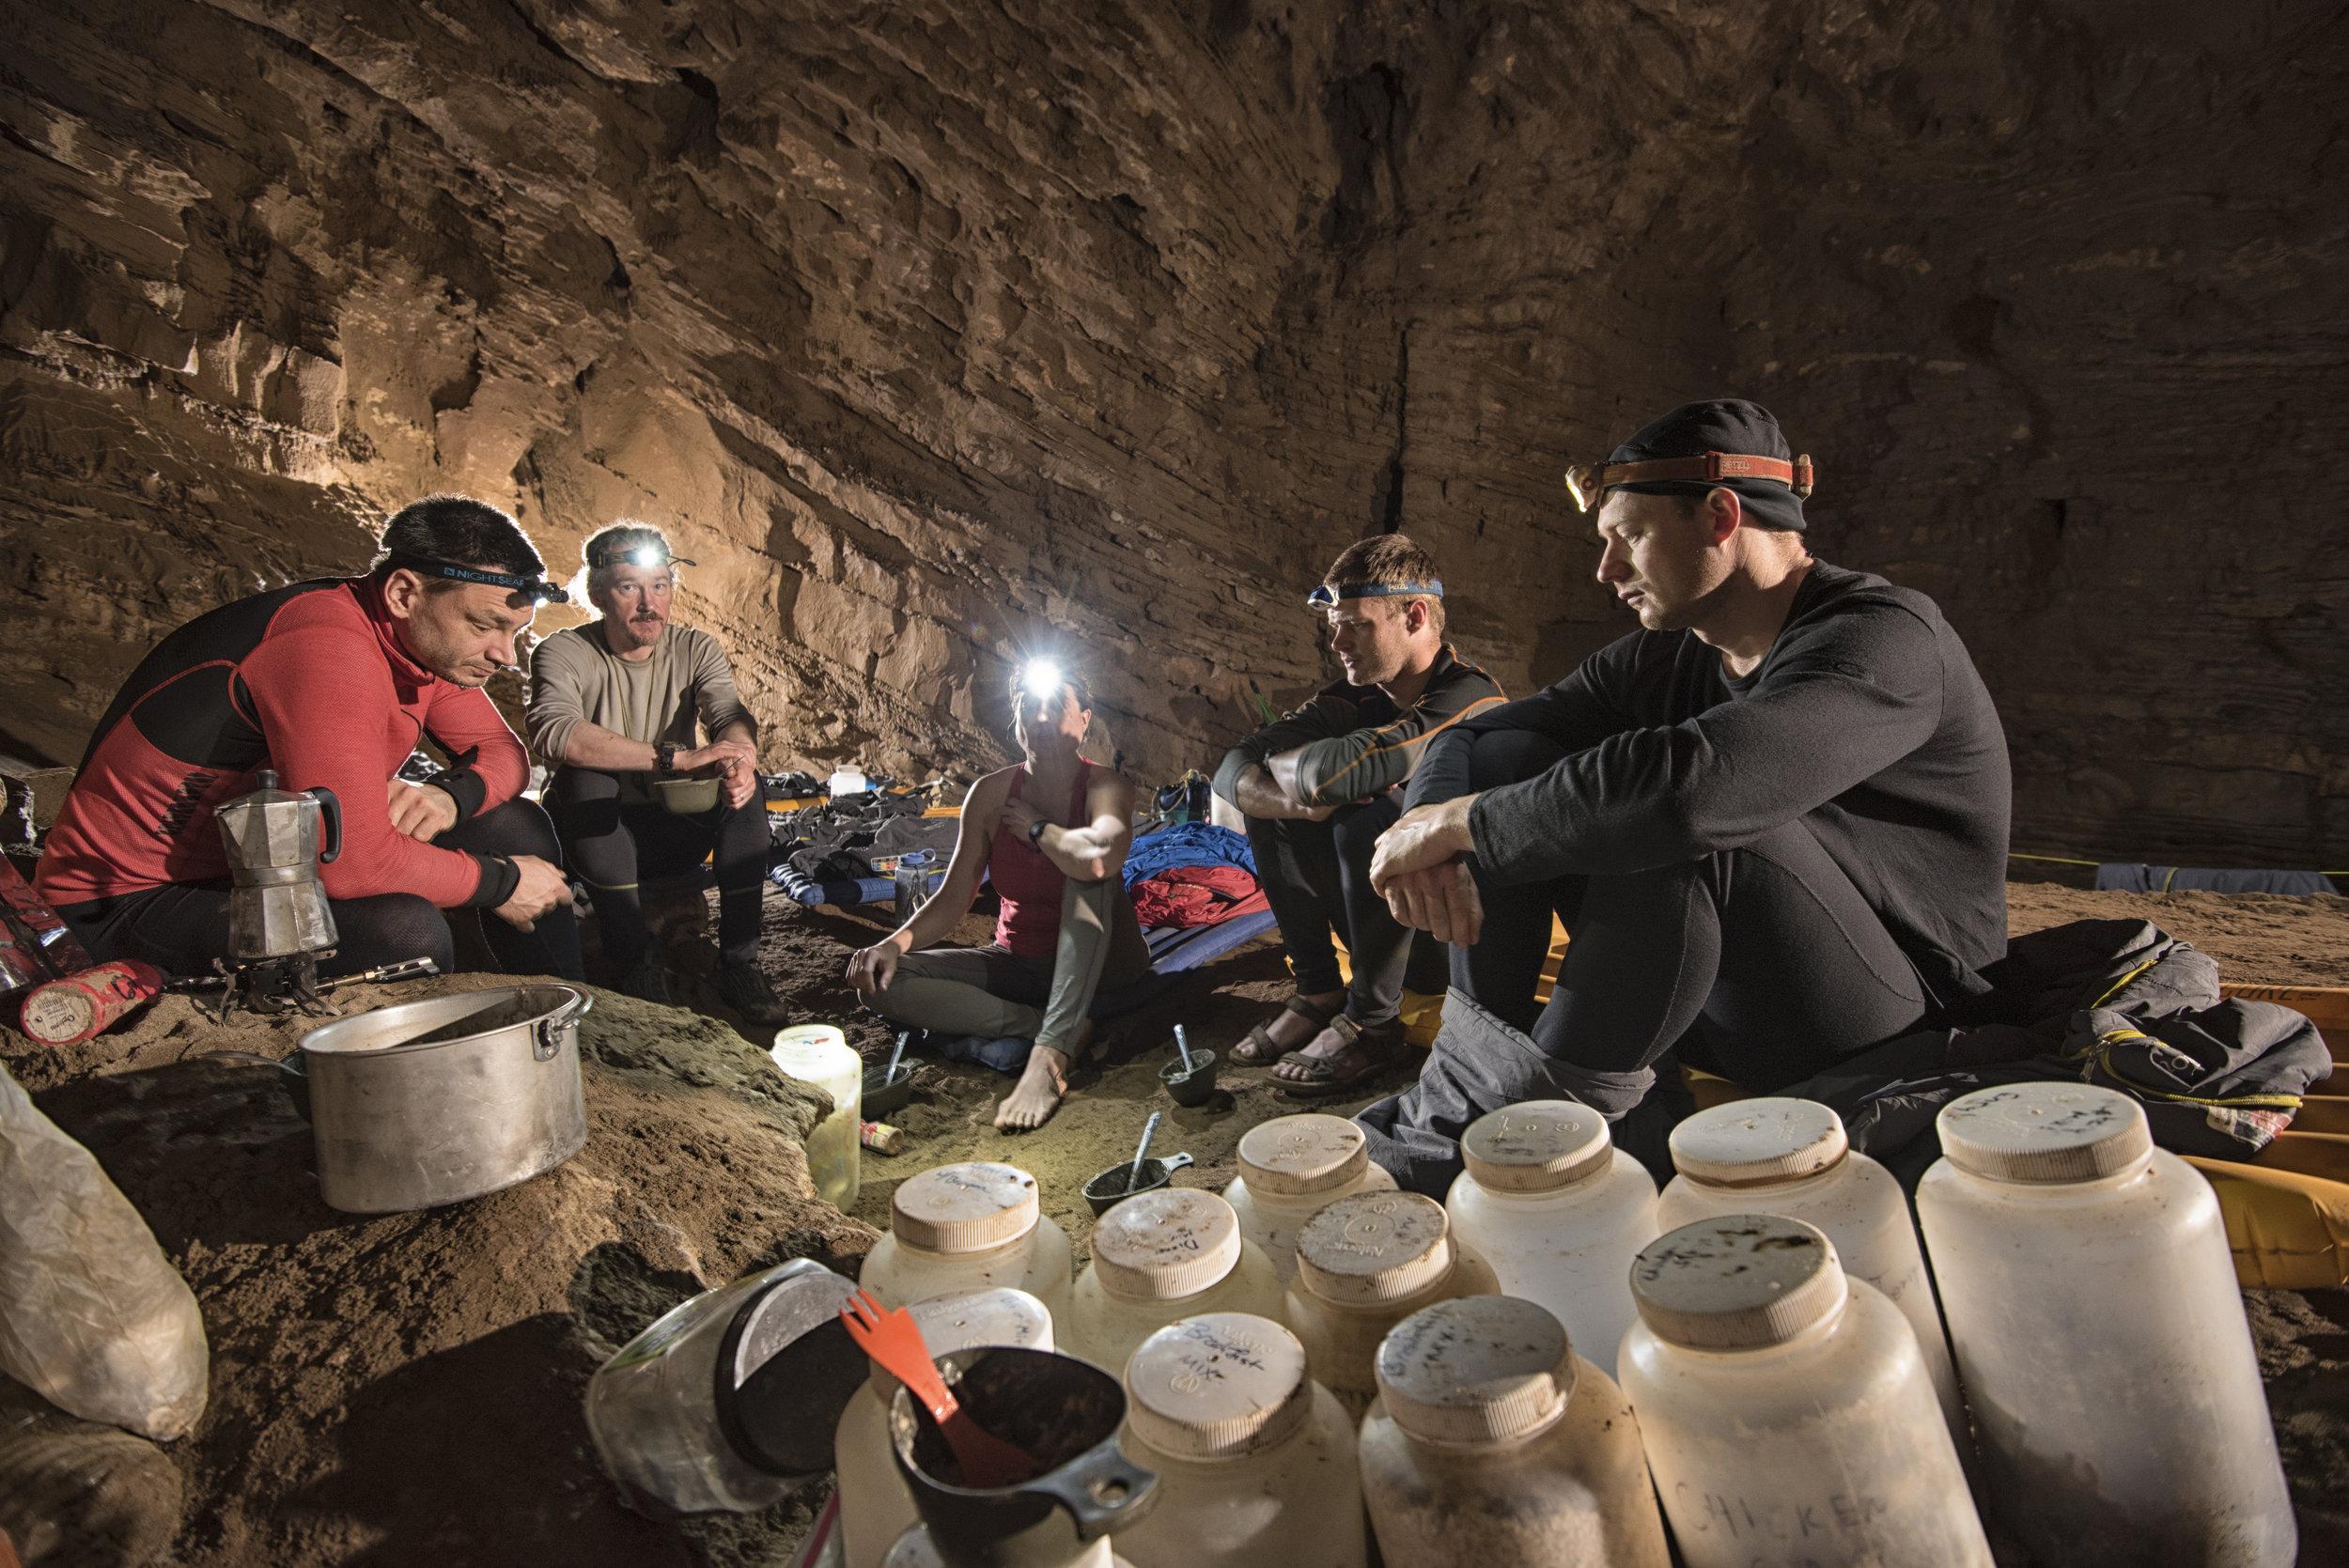 cueva-de-la-pena-colorada_40293575185_o.jpg